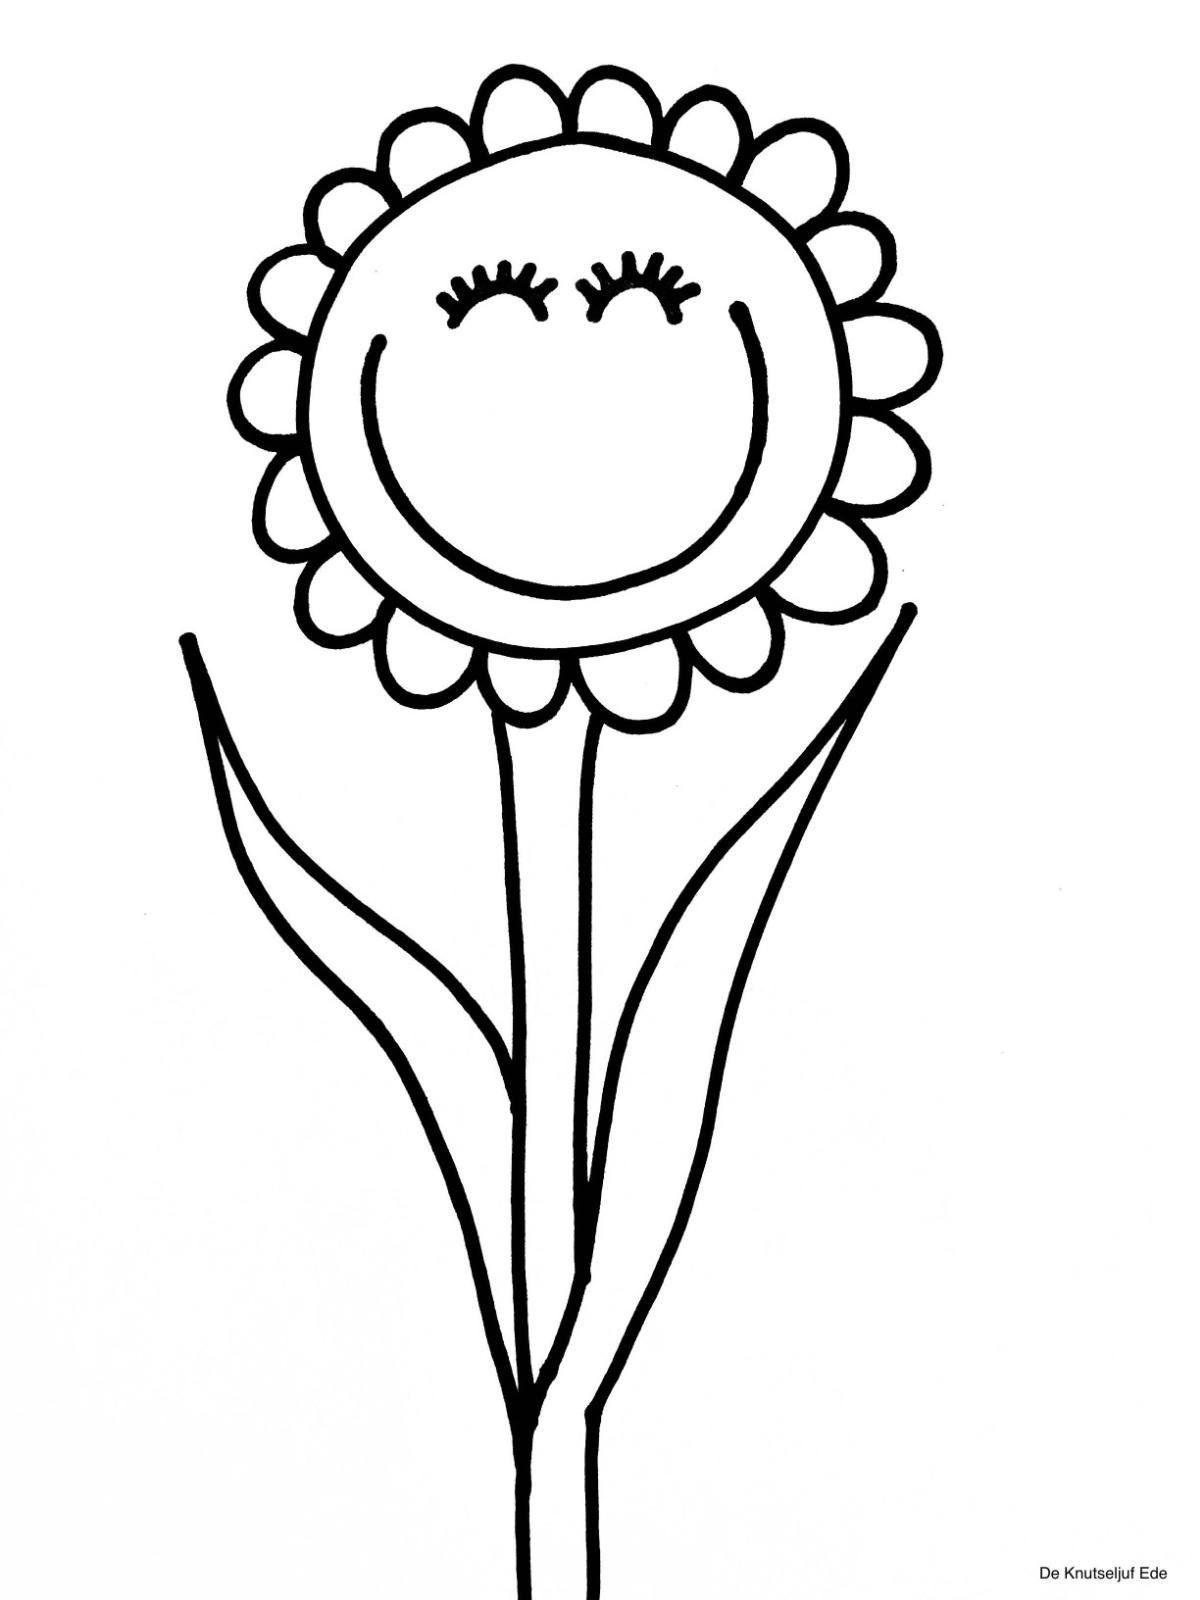 Kleurplaten Bloemen Bloemen Knutselen Kleurplaat Kleurplaten De Knutseljuf Ede Bloem Kleurplaten Kleurplaten Bloemen